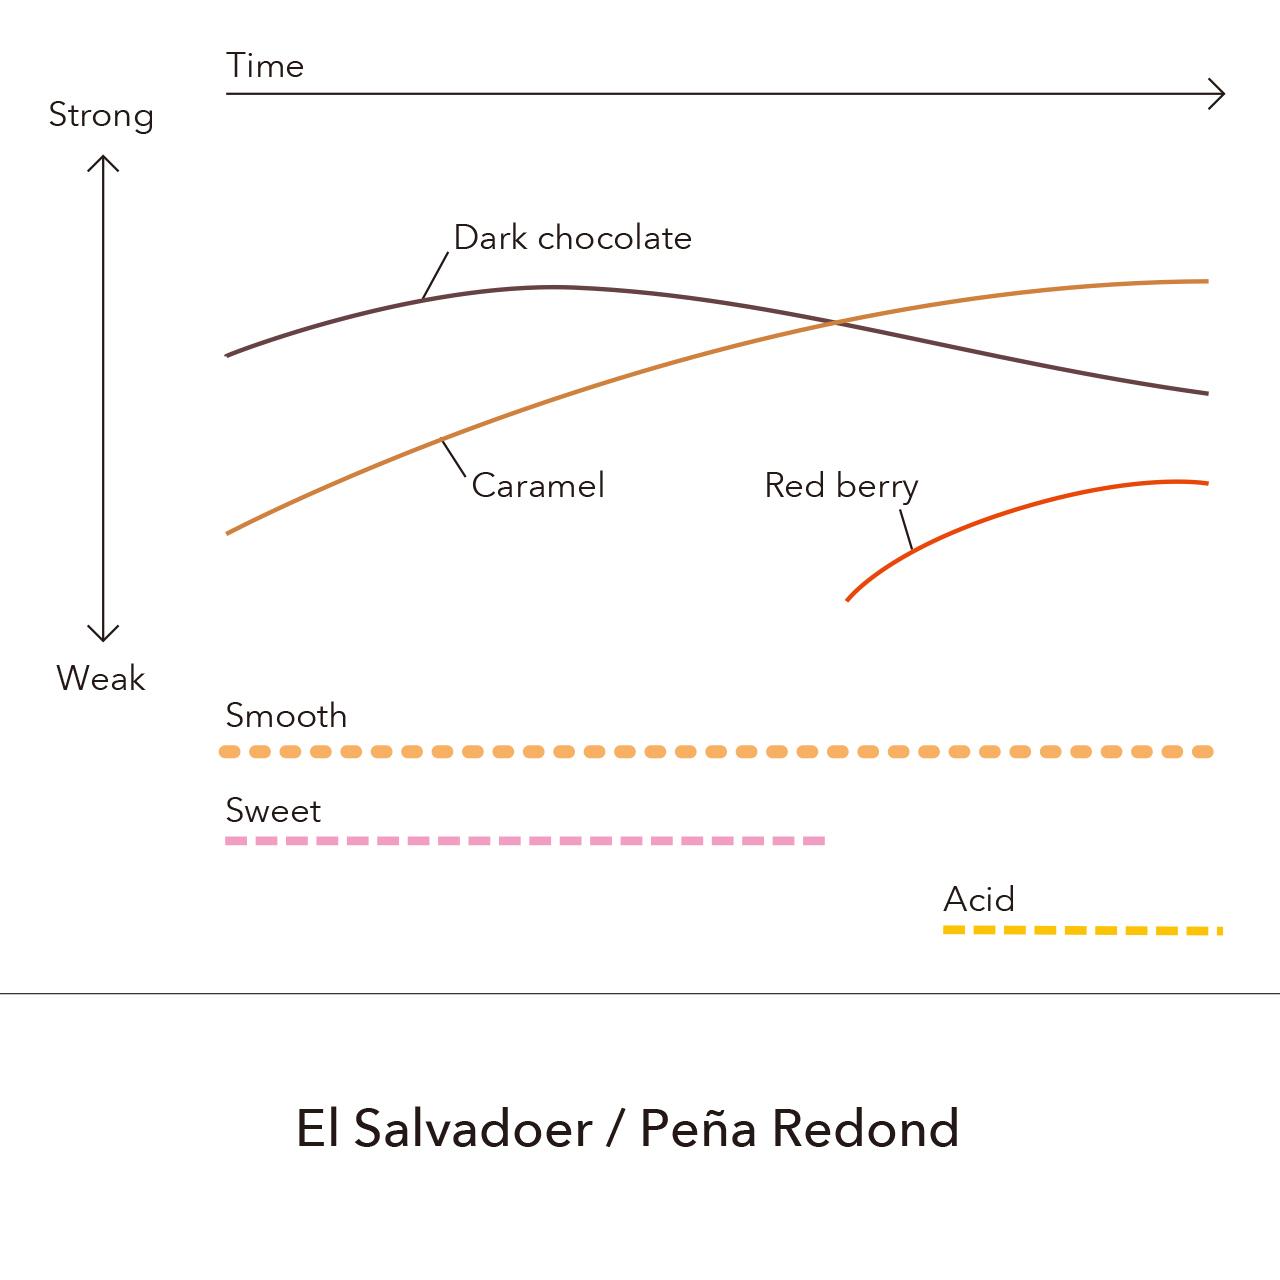 El Salvadoer - Peña Redond  / 150g